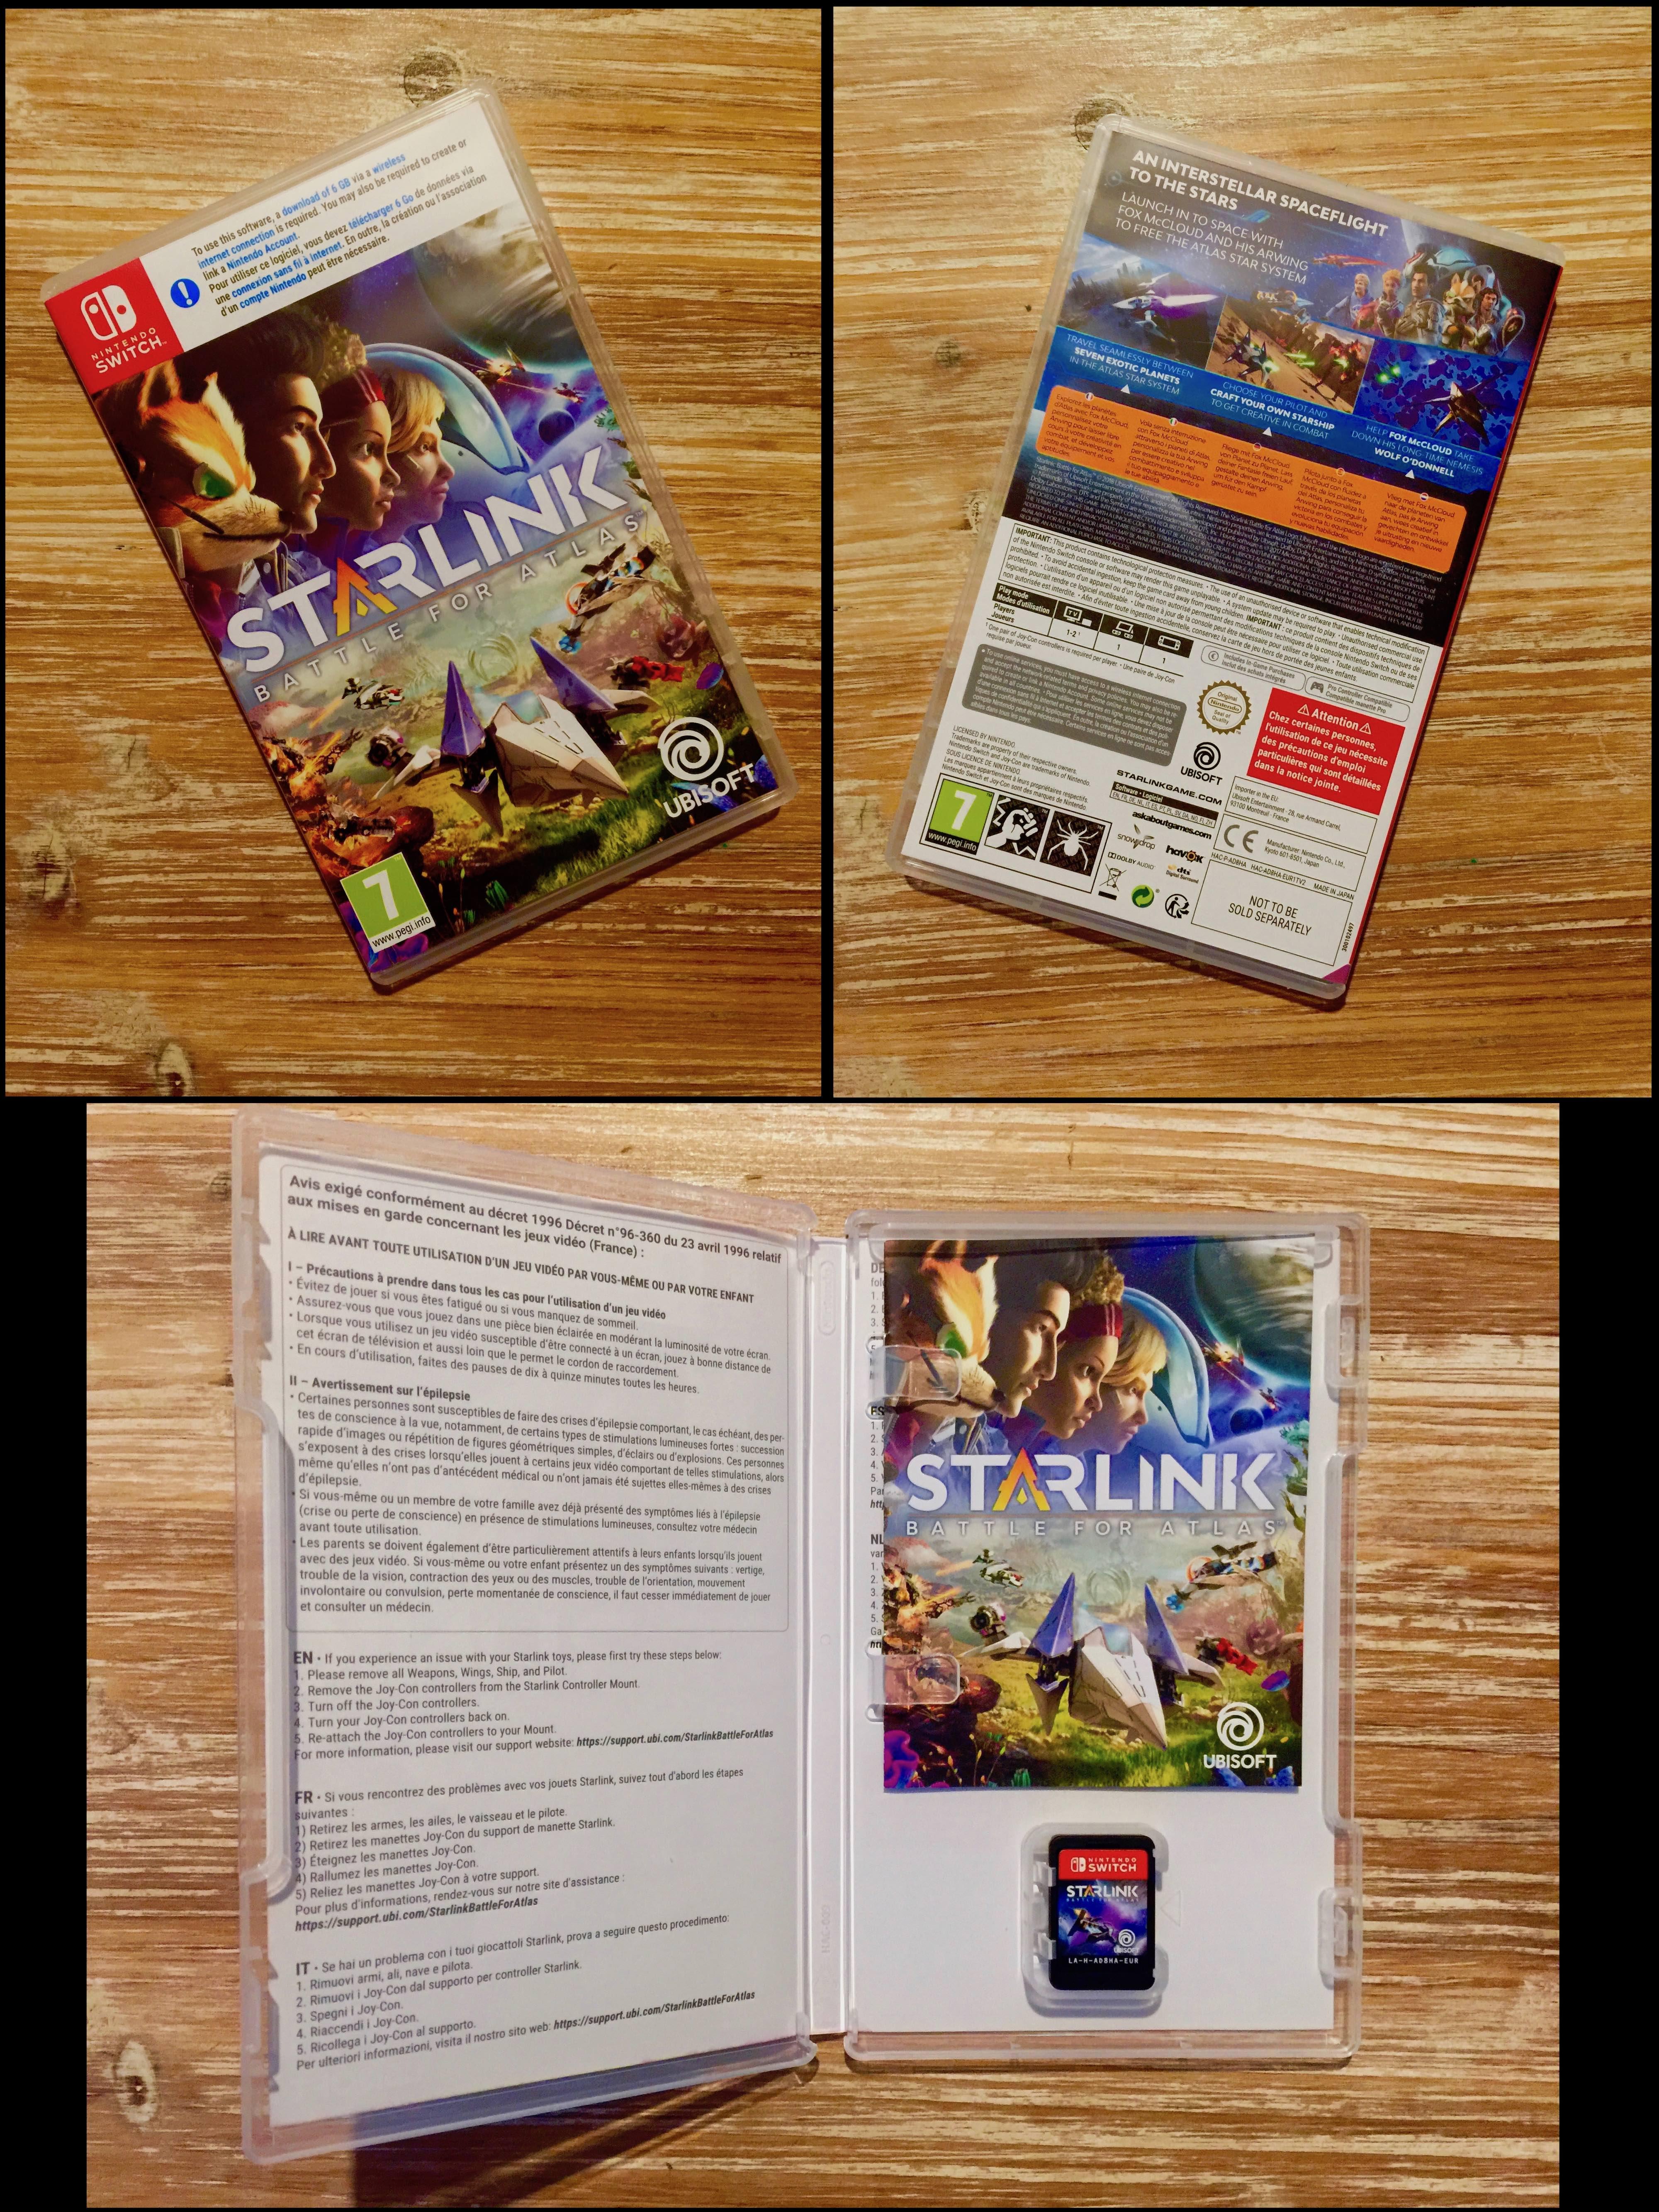 Dans la boite, ho! Une noti... ha non encore 4 pages de garanties européennes.